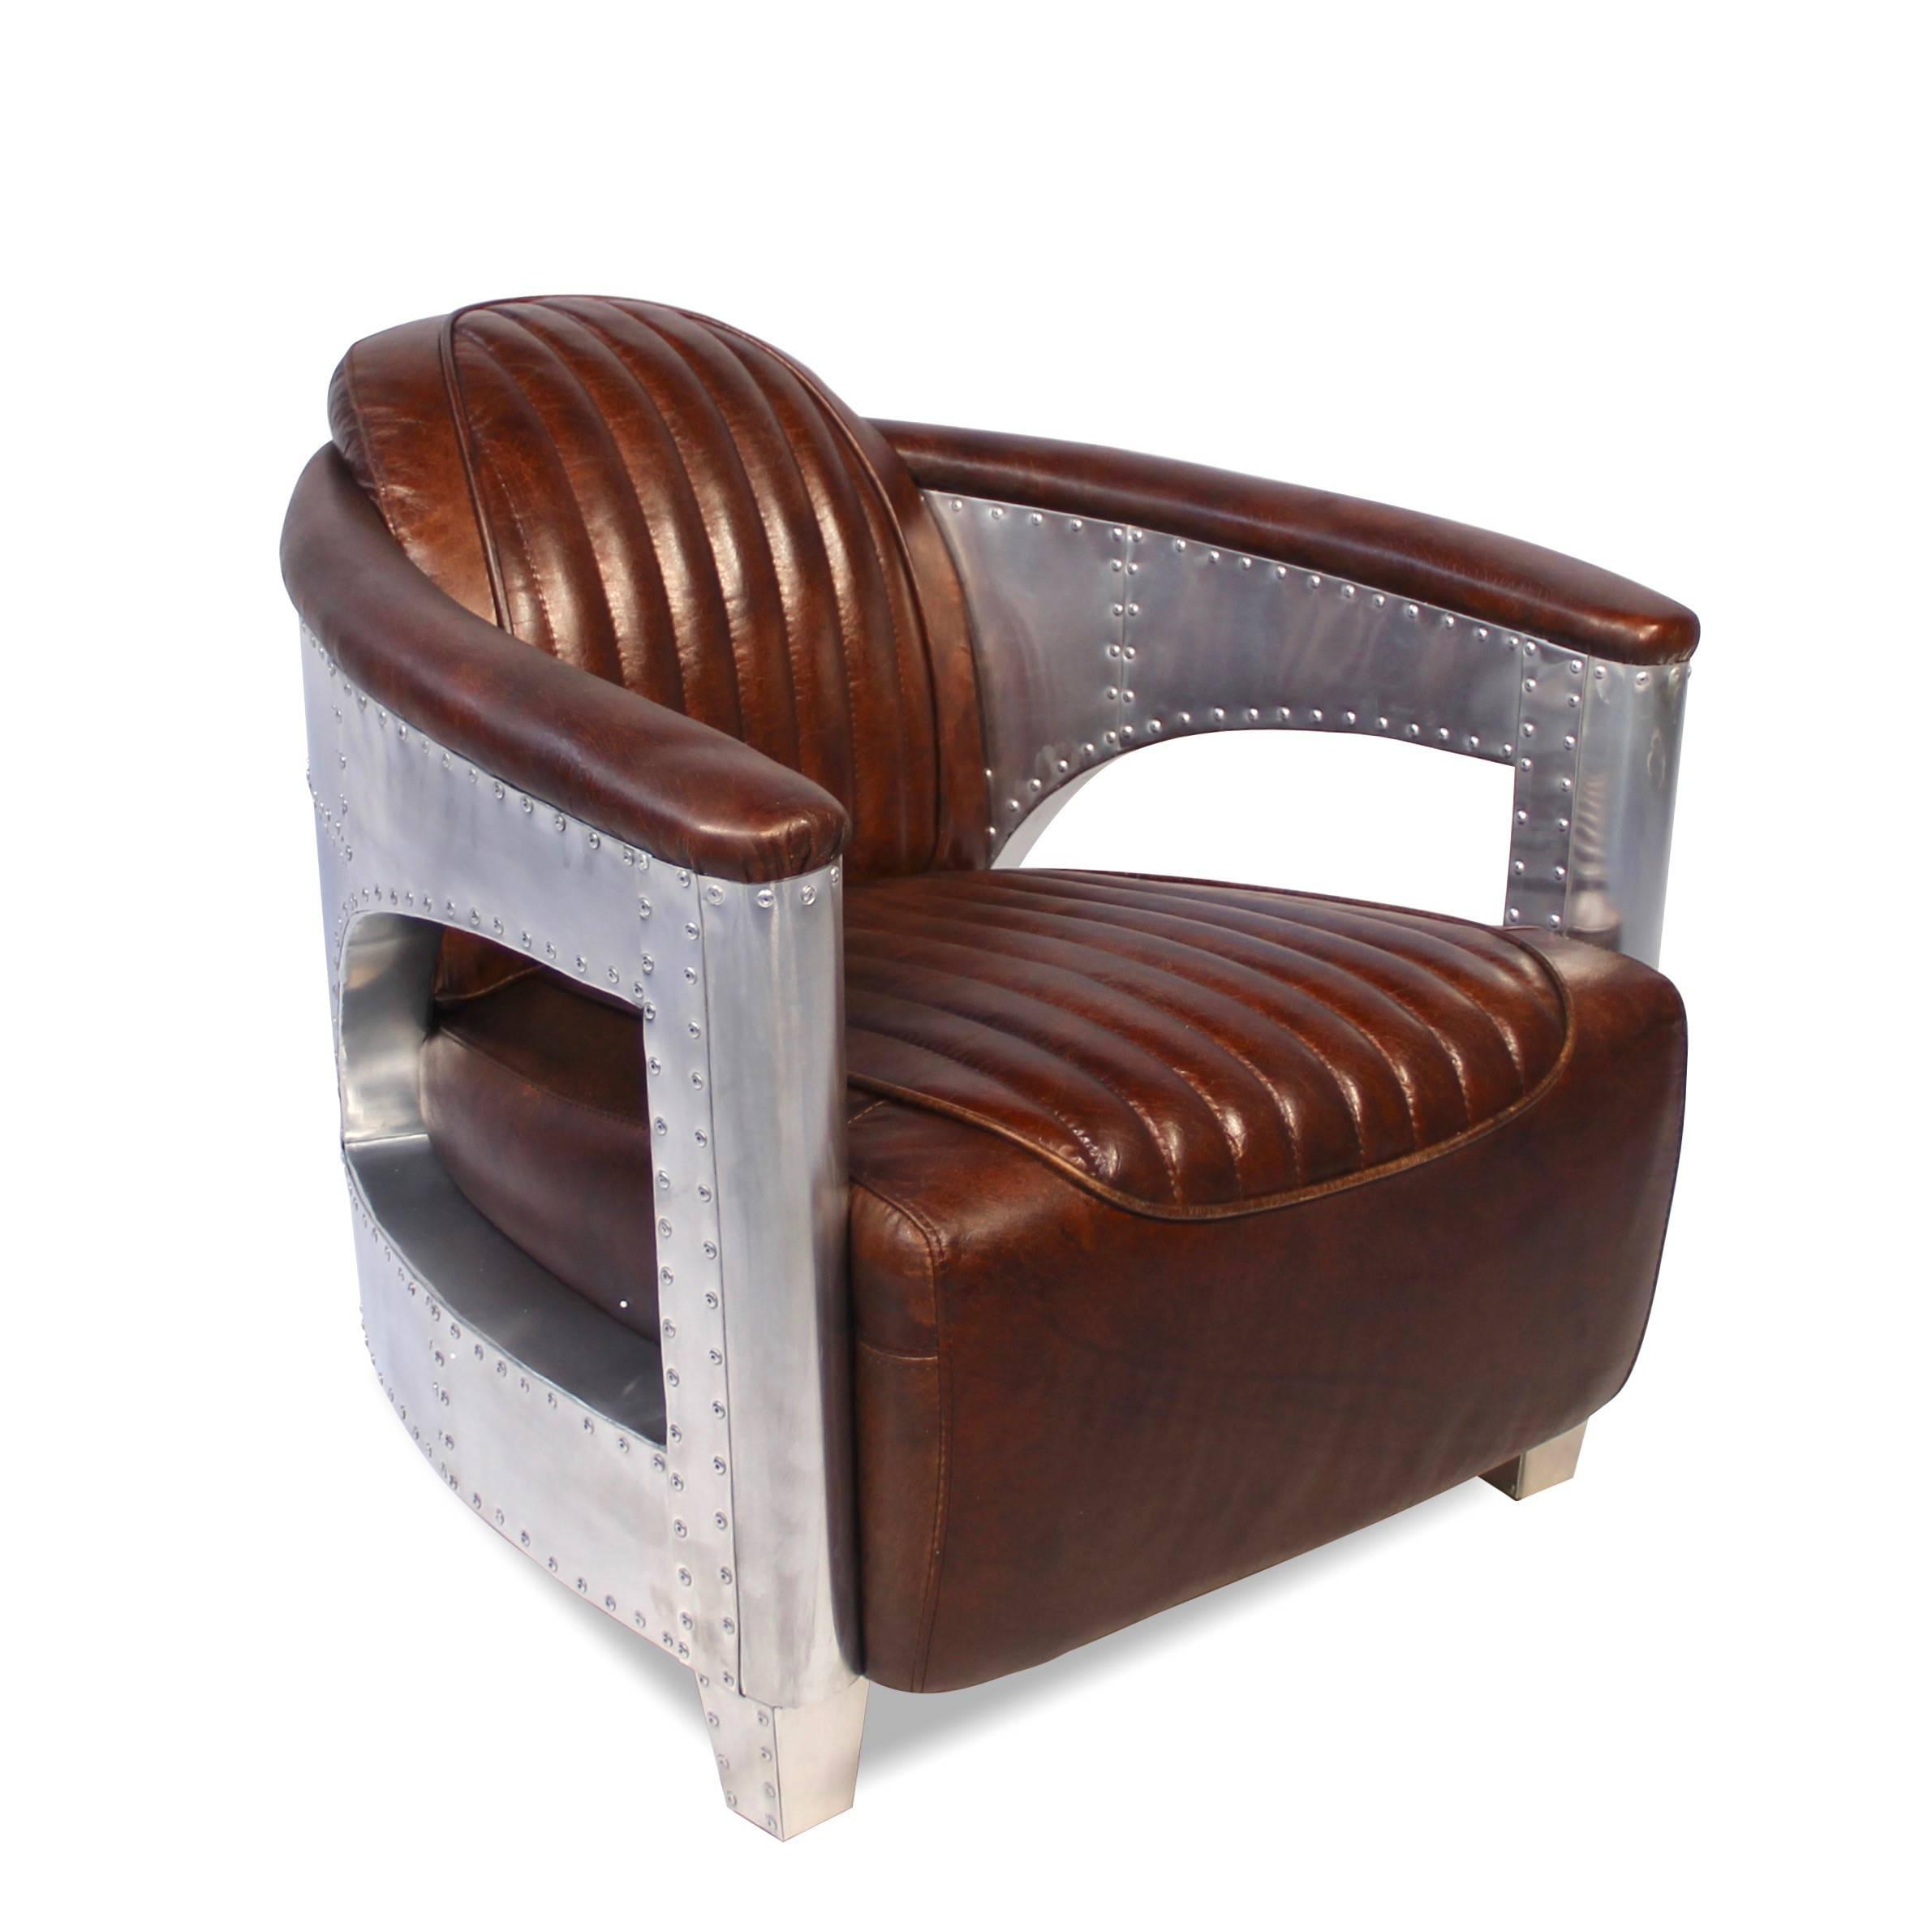 Fauteuil vintage de style aviateur en cuir brun patiné et aluminium cf3465e0f29